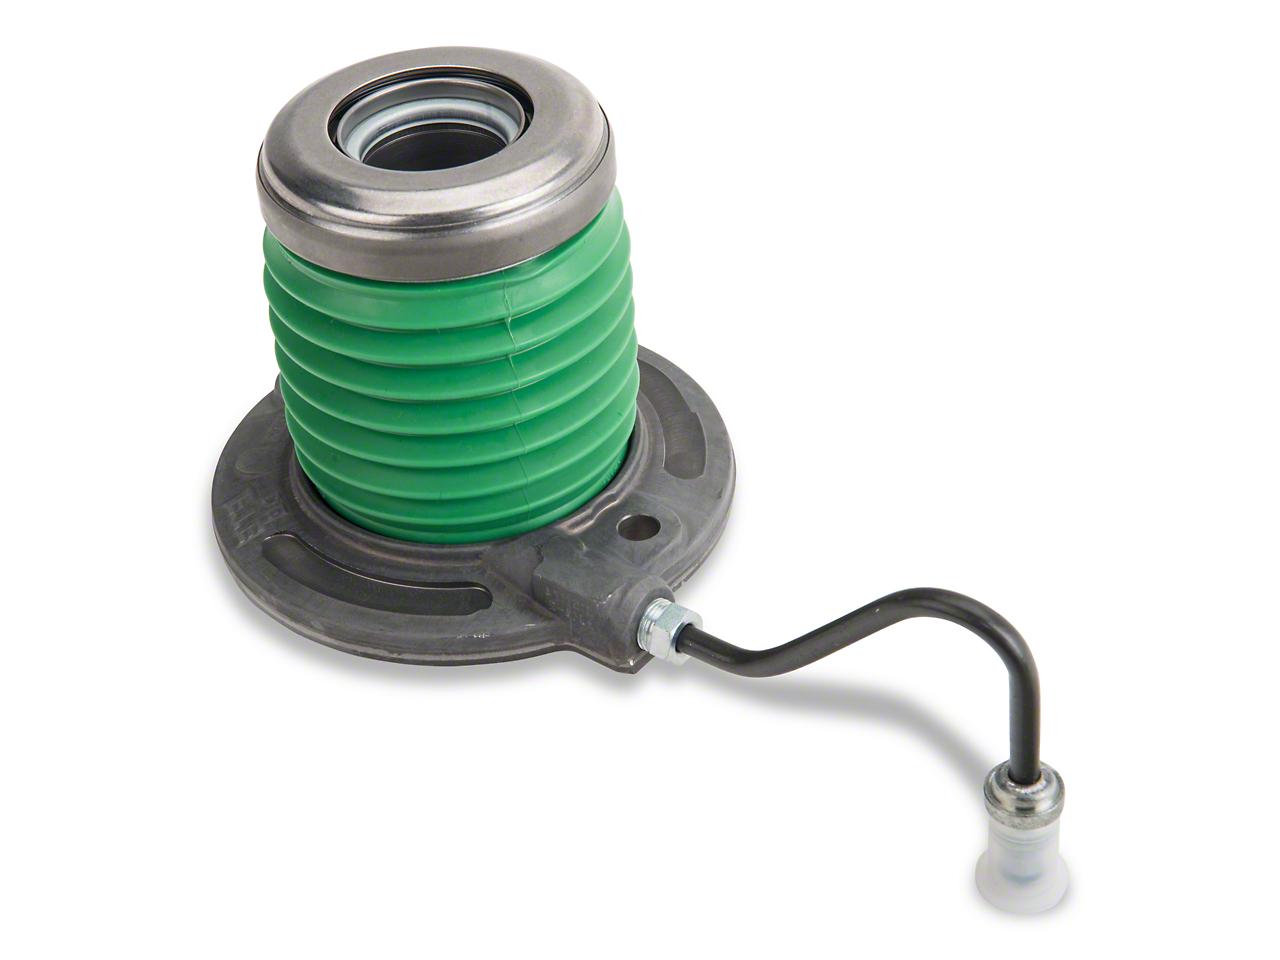 Exedy Hydraulic Throwout Bearing/Slave Cylinder (11-16 GT, V6)